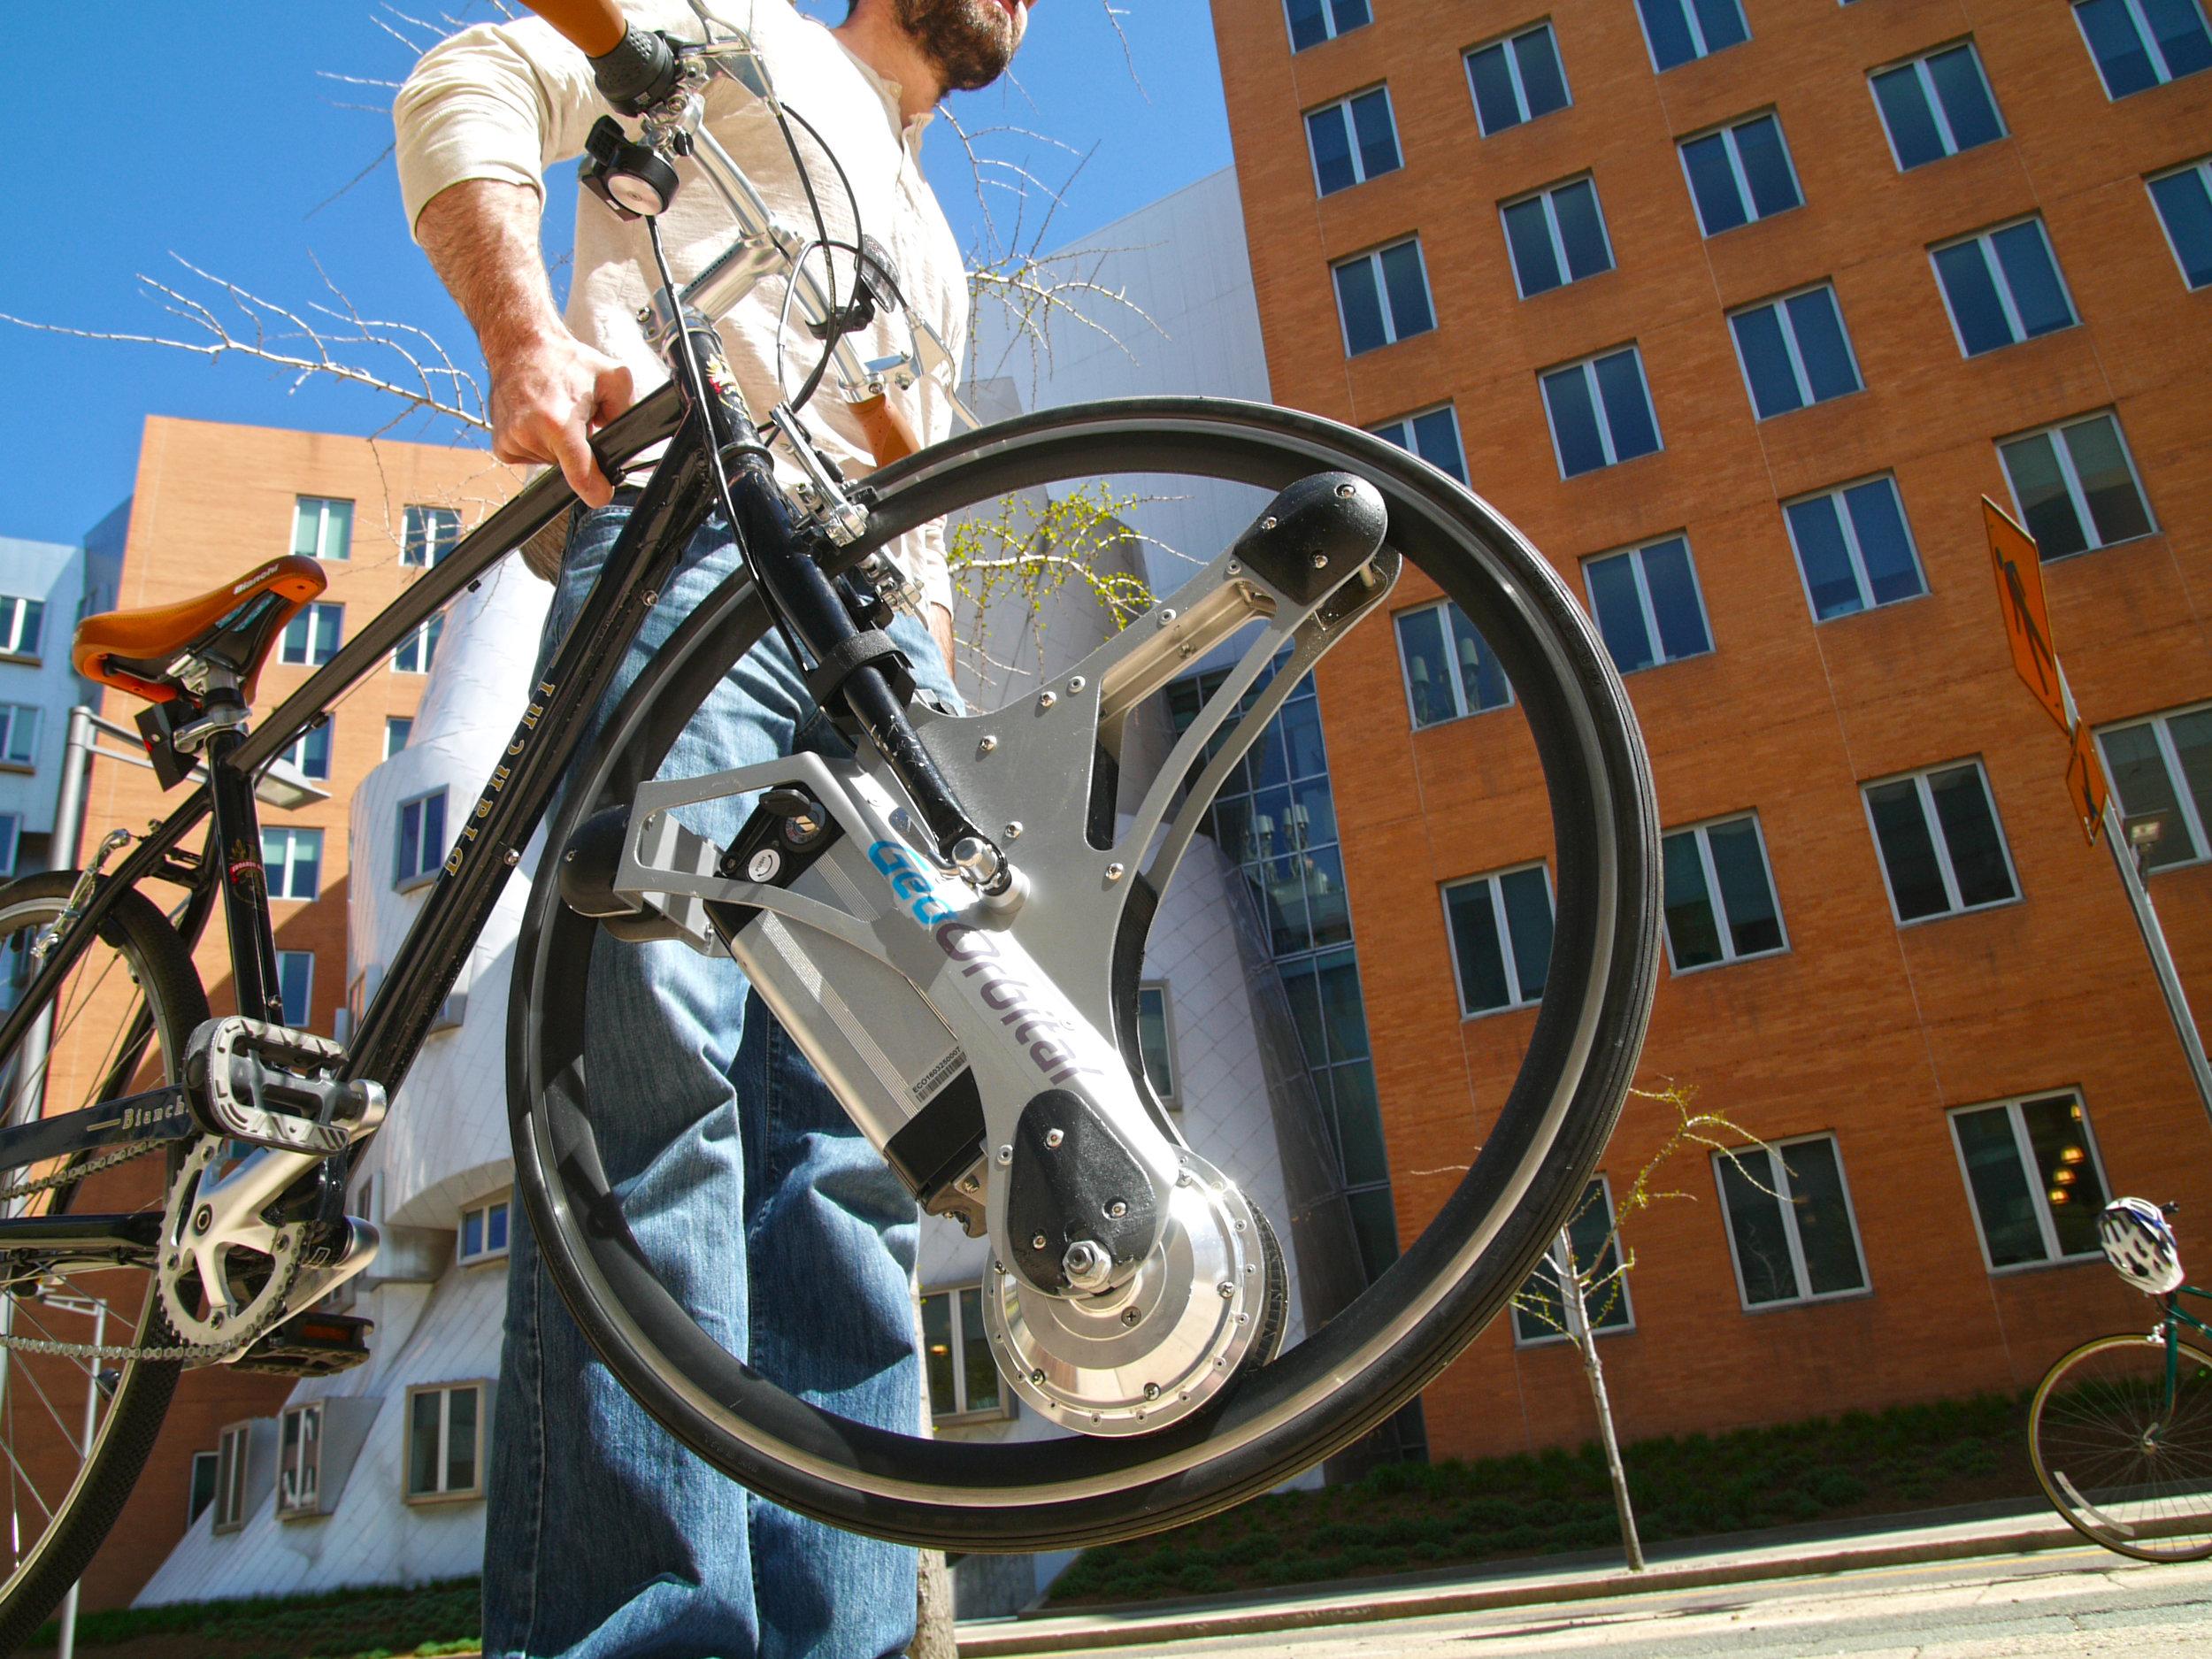 geoorbital_on_bike_2.jpg